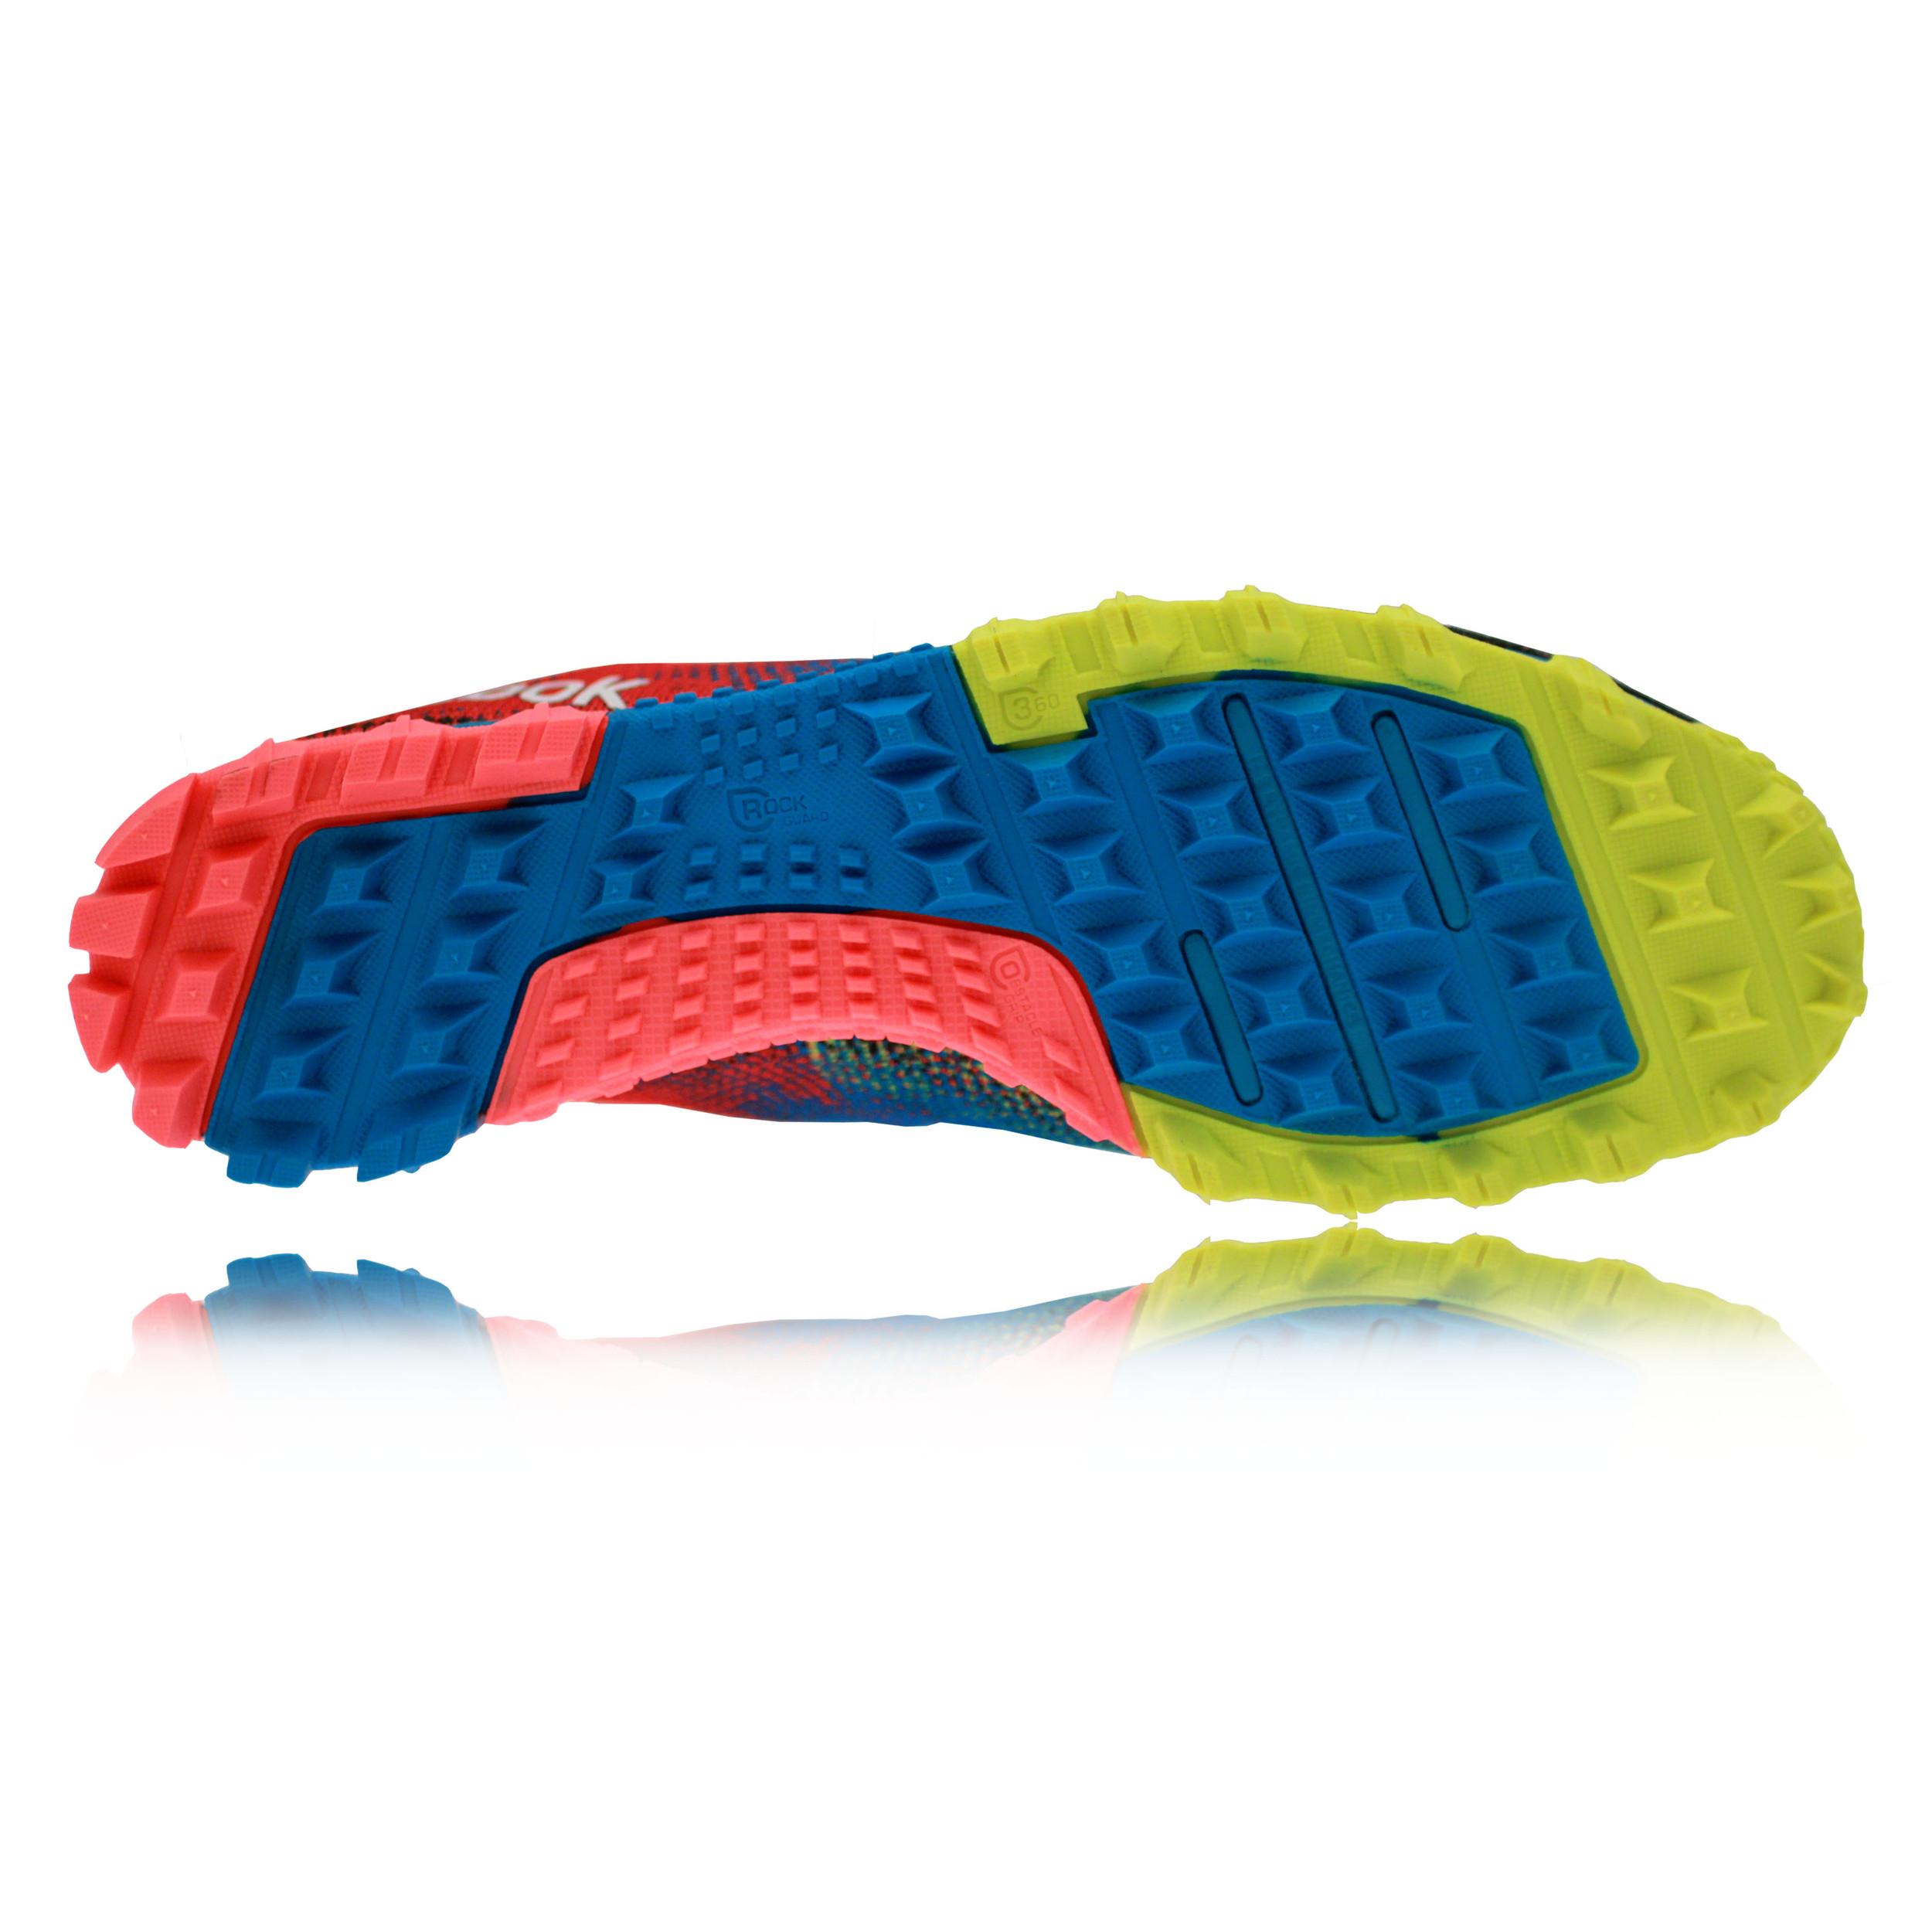 Reebok All Terrain Sprint Women's Running Shoes